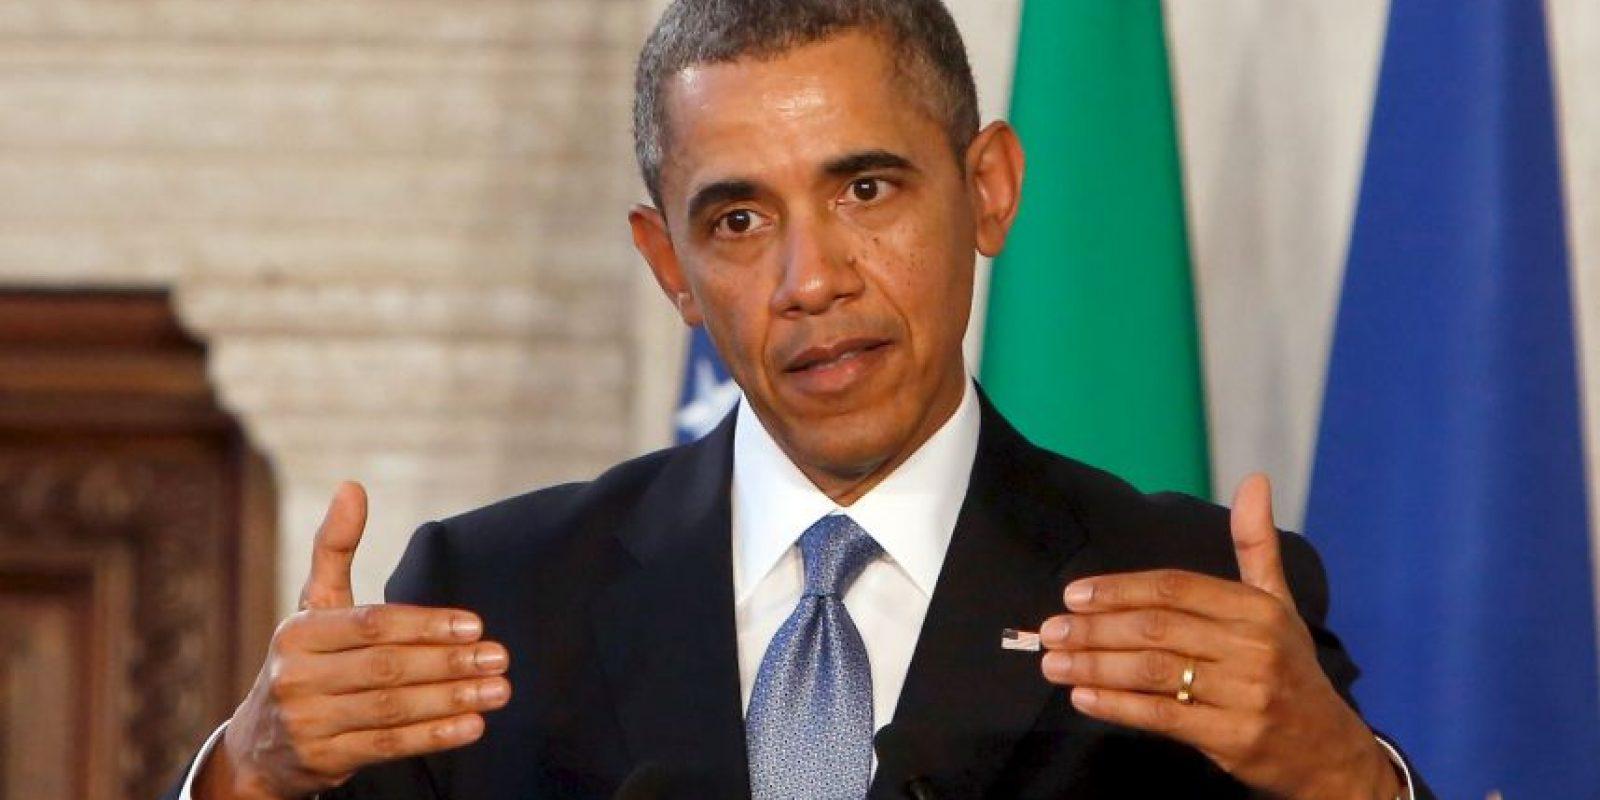 """8. """"(Los estadounidenses) esperan que las personas opten por trabajar tan duro como ellos lo hacen. Ellos esperan que nos centremos en sus ambiciones, y no en la nuestras"""", apuntó el presidente. Foto:Getty"""